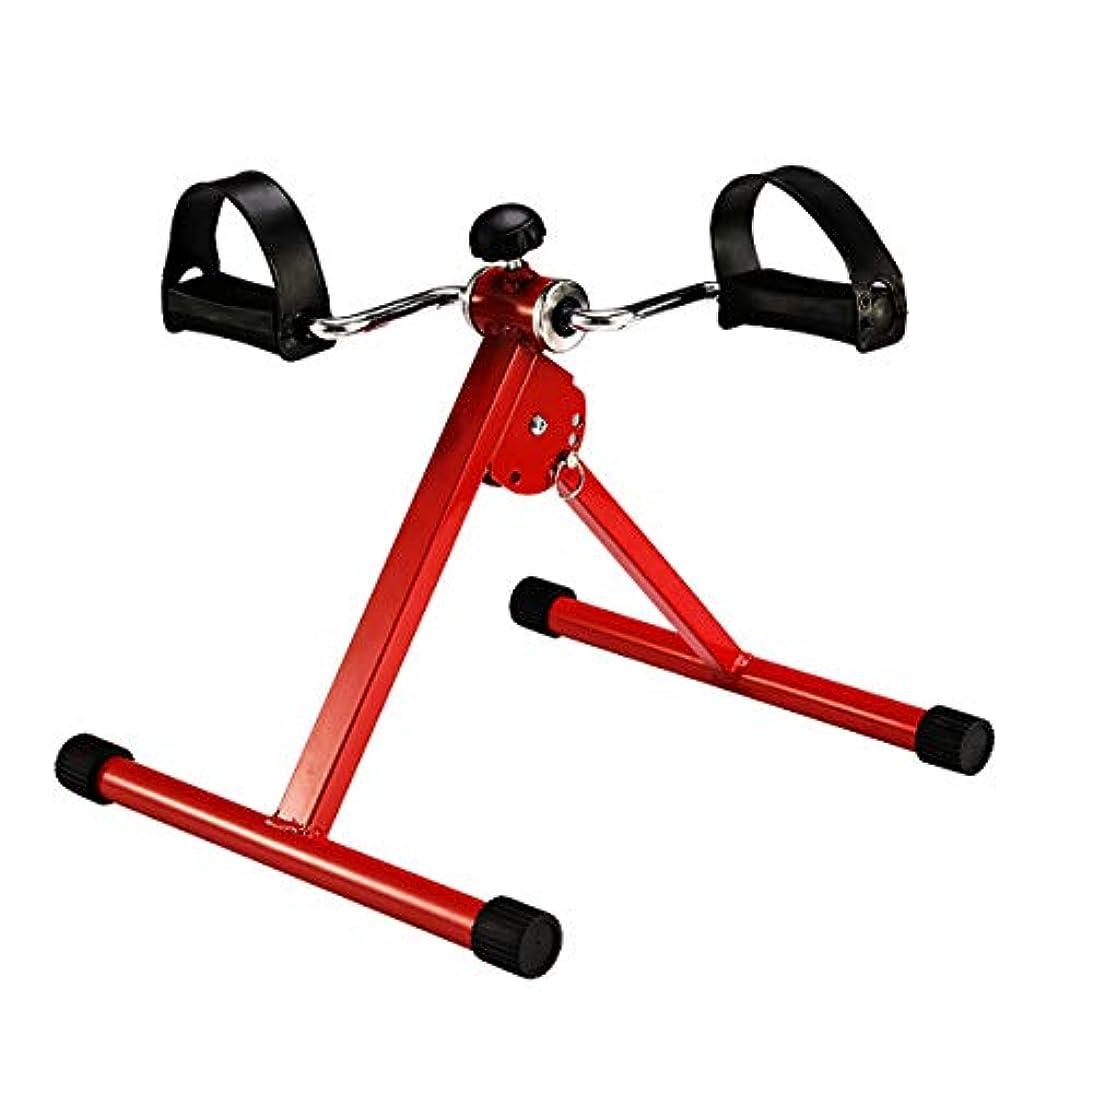 ワックススイッチ乏しいペダルエクササイザー、ホーム理学療法フィットネスミニバイク高齢者身体障害者医療リハビリテーション体操カーディオフィットネストレーナー|ホームトレーナー|スピンエクササイズバイク,A